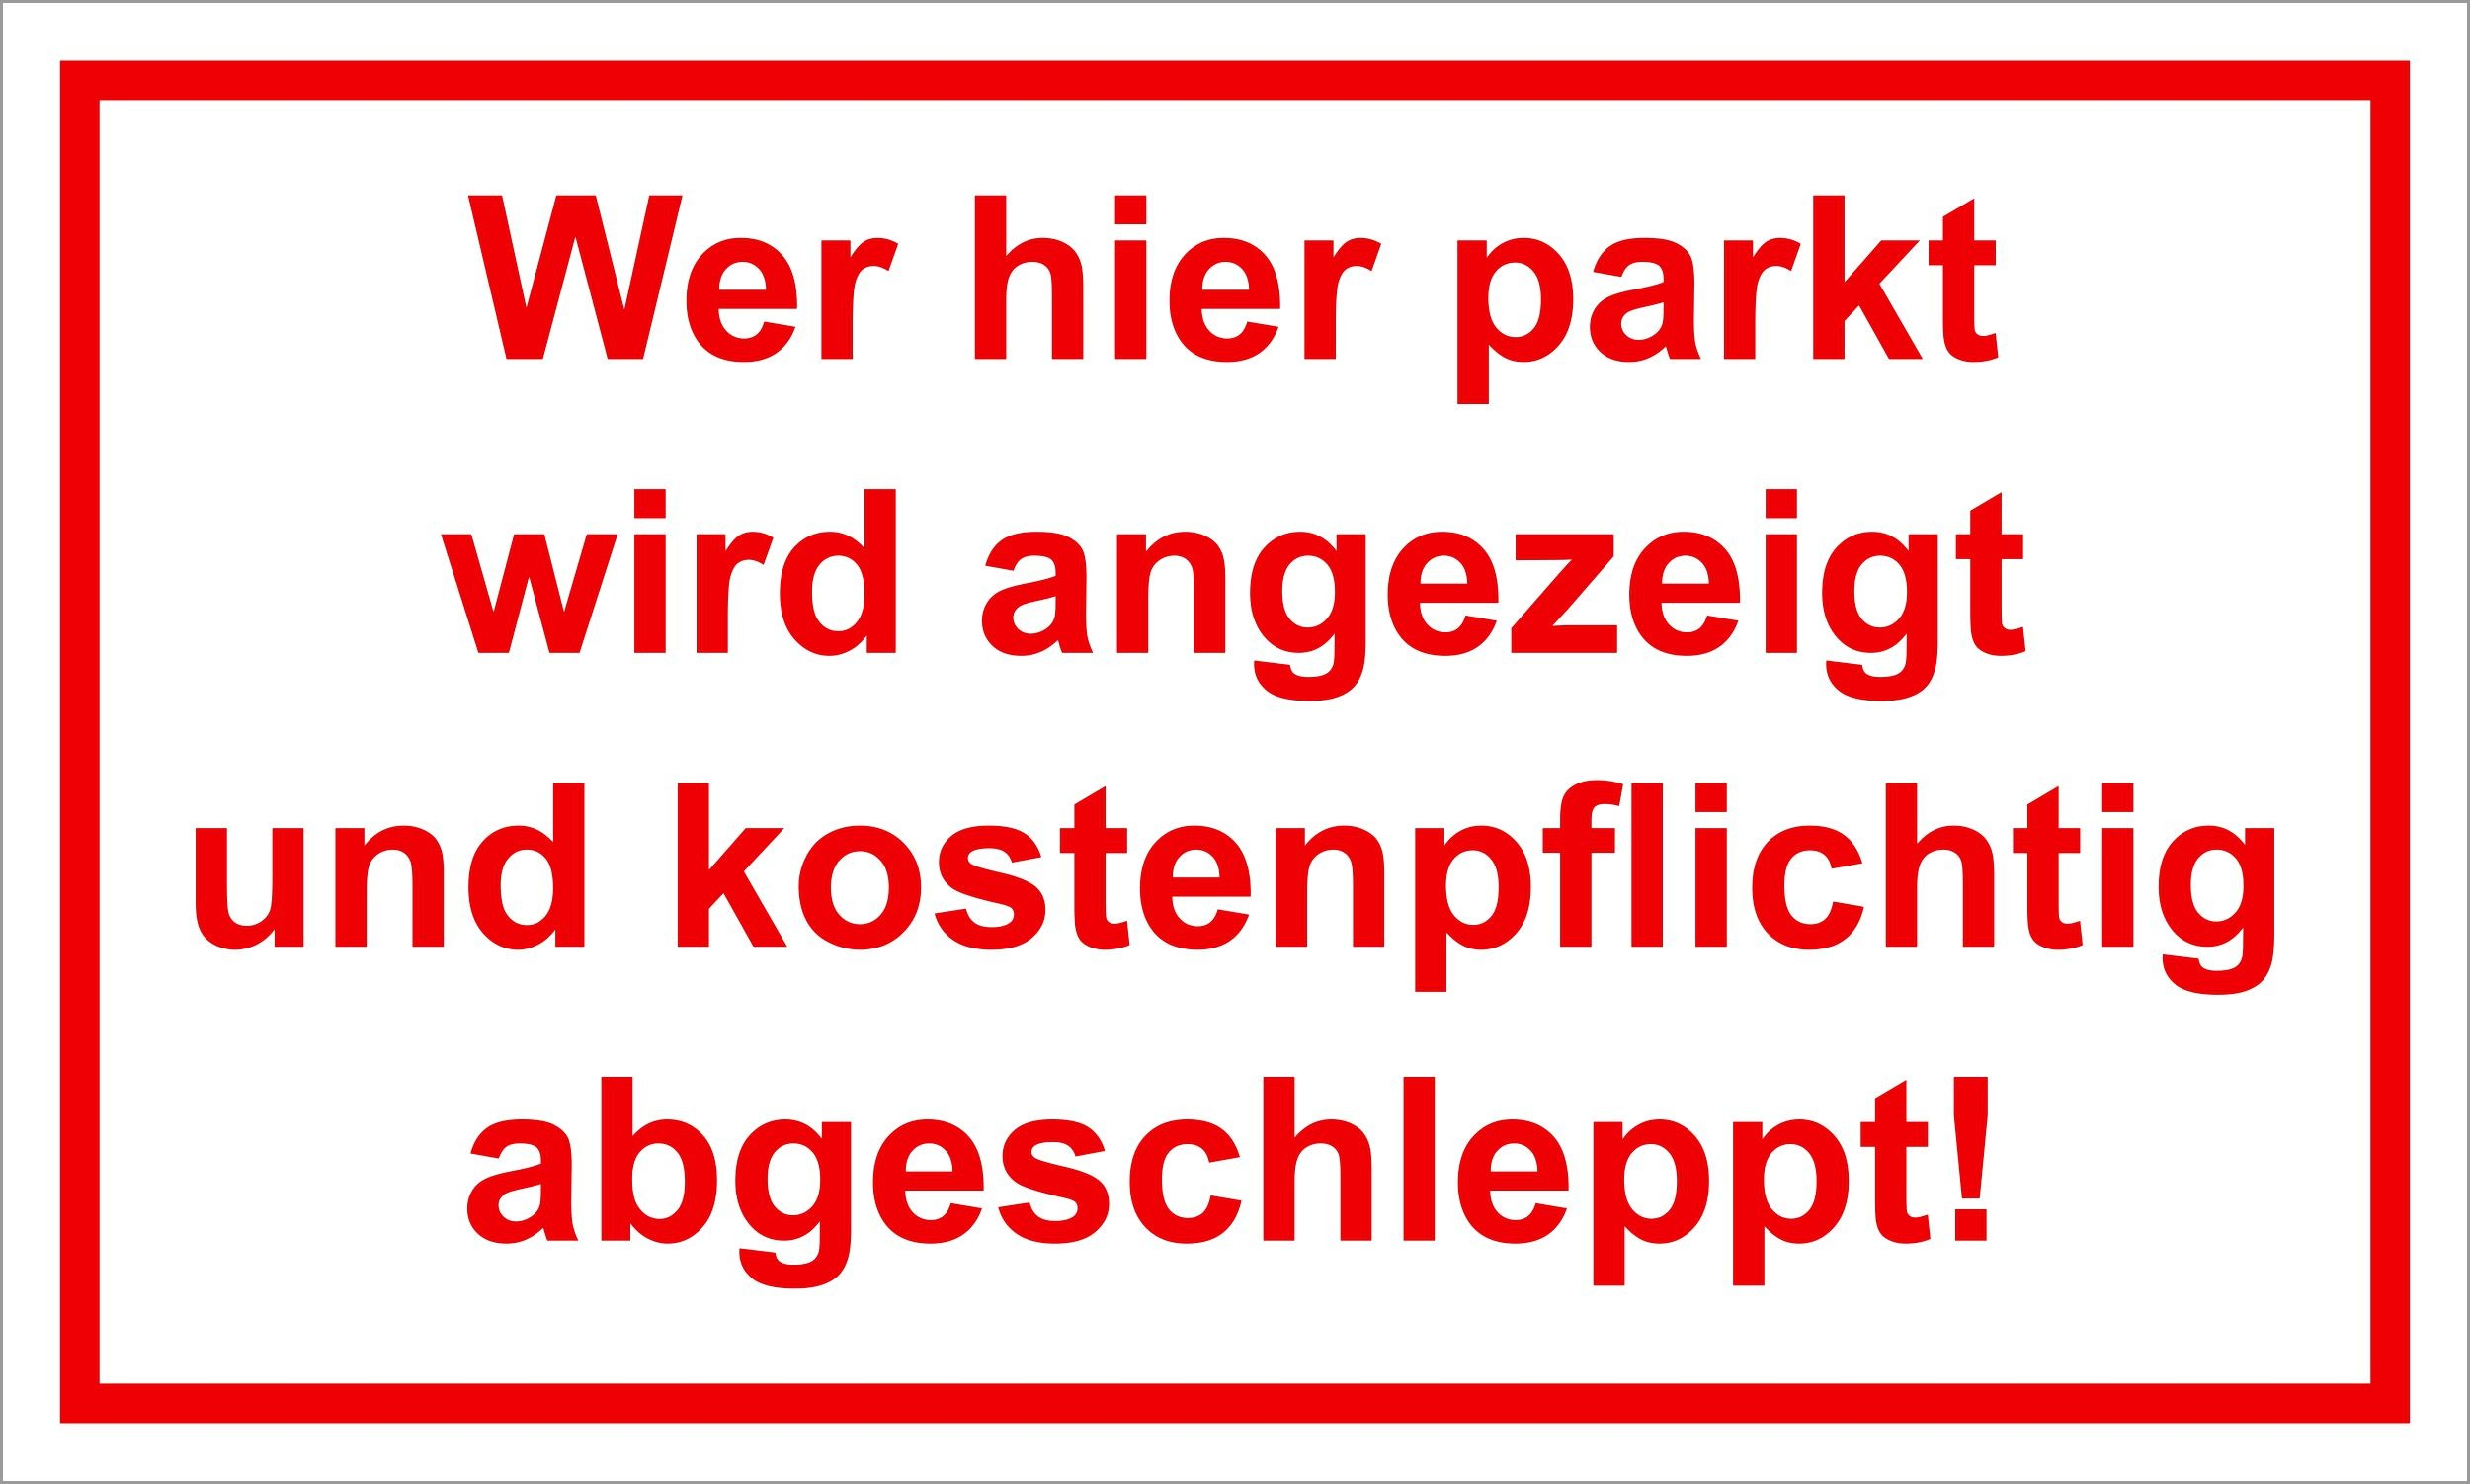 Wer hier parkt wird angezeigt und kostenpflichtig abgeschleppt! 150 x 250 mm Warn- Hinweis- und Verbotsschild PST-Kunststoff